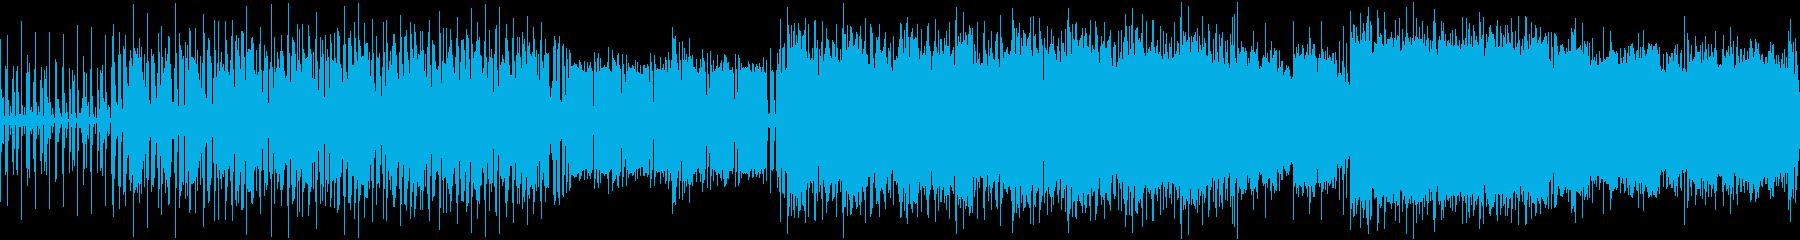 [ループ仕様]緩くてノリの良い日常曲の再生済みの波形